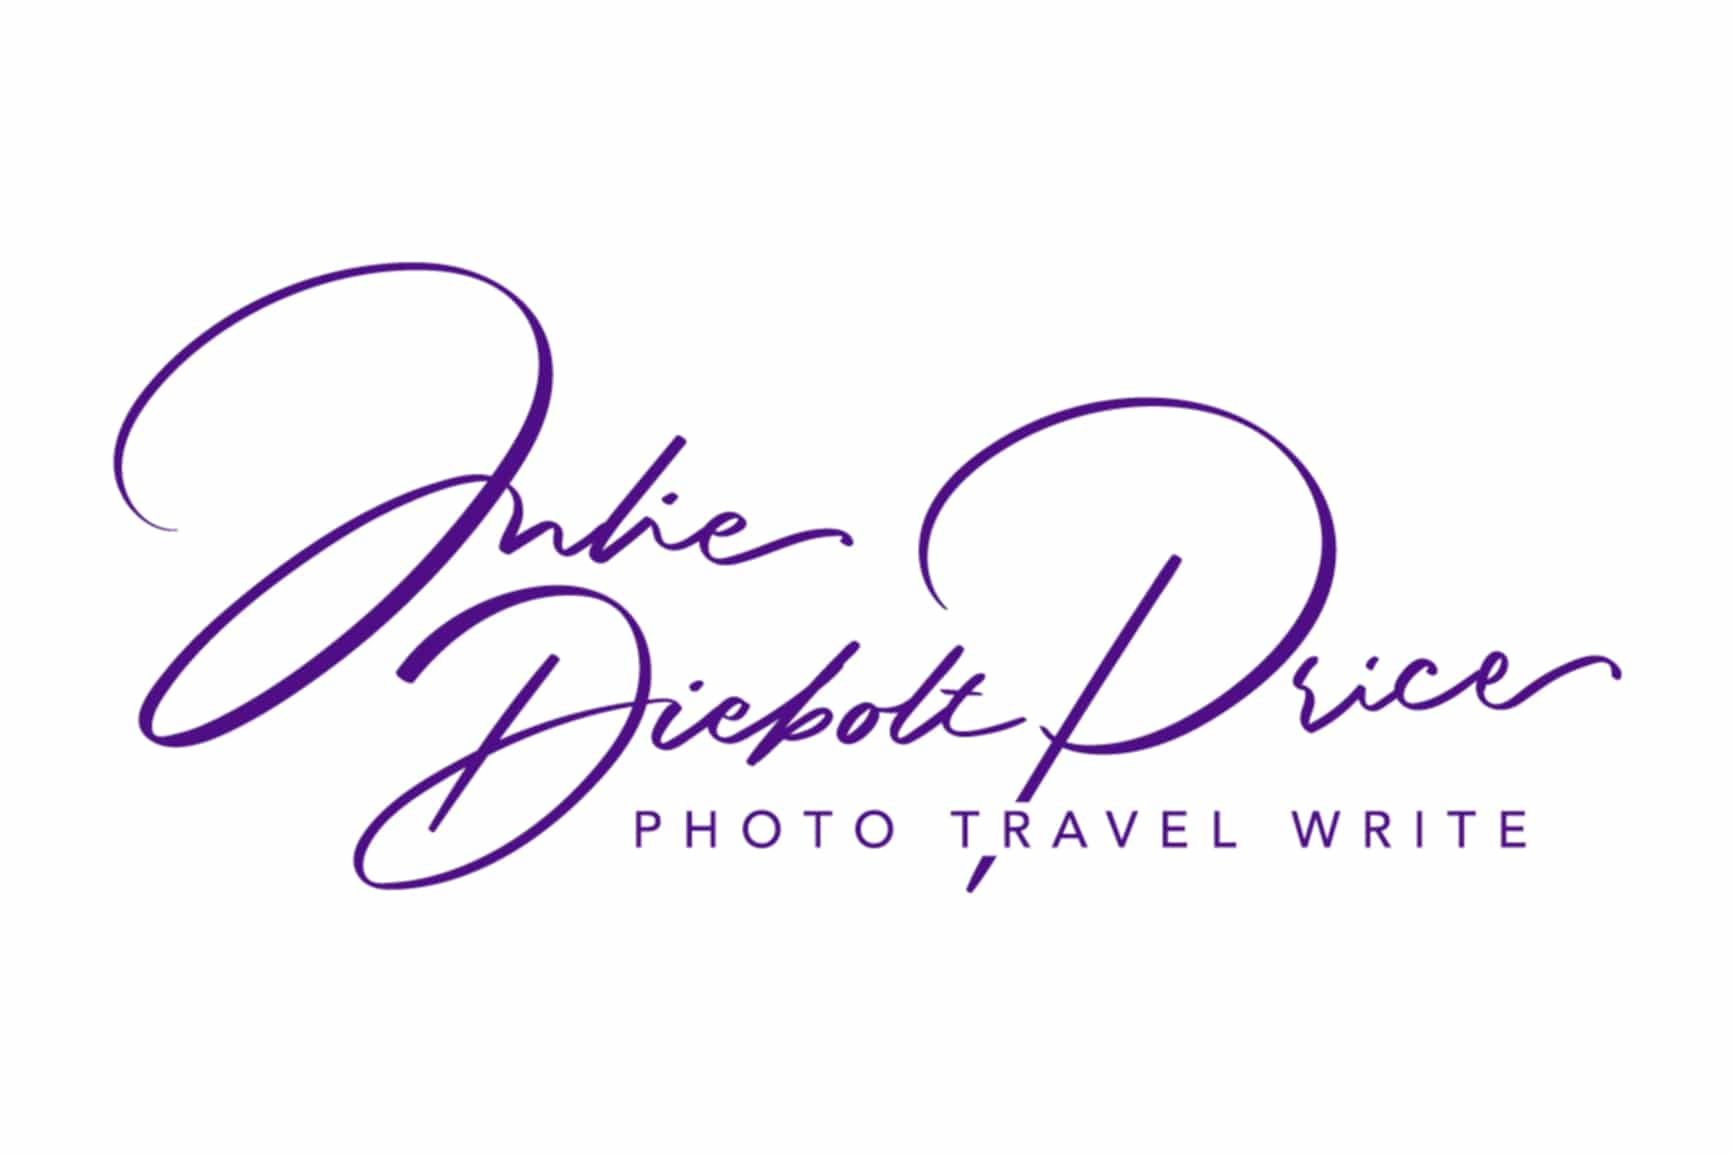 Julie Diebolt Price Photo Travel Write